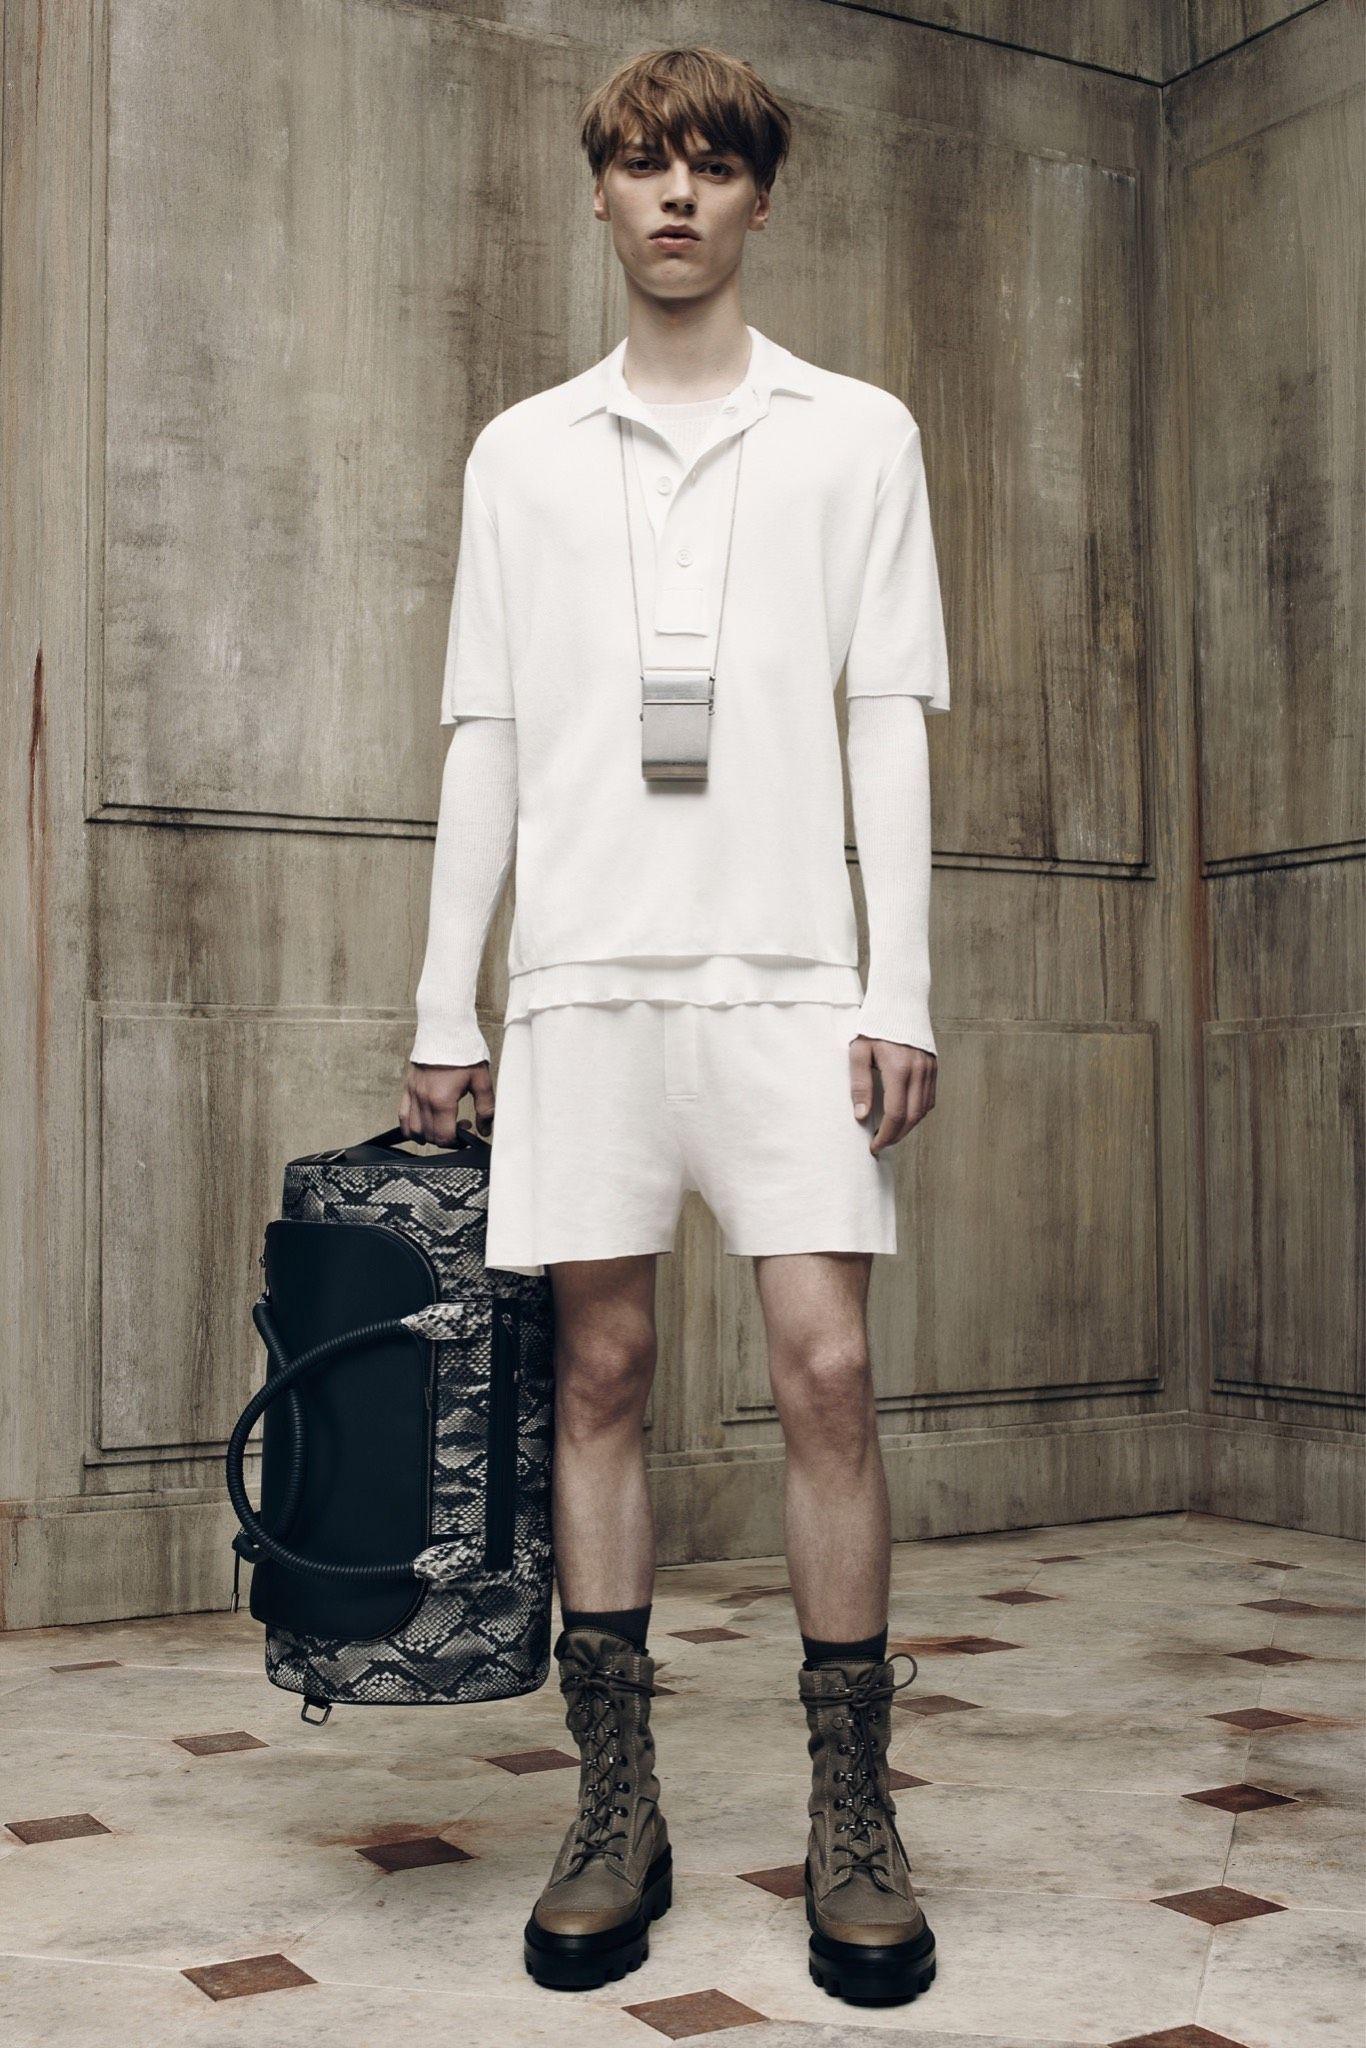 Balenciaga Spring Summer 2016 Primavera Verano Collection #Menswear #Trends #Tendencias #Moda Hombre - Paris Fashion Week - D.P.